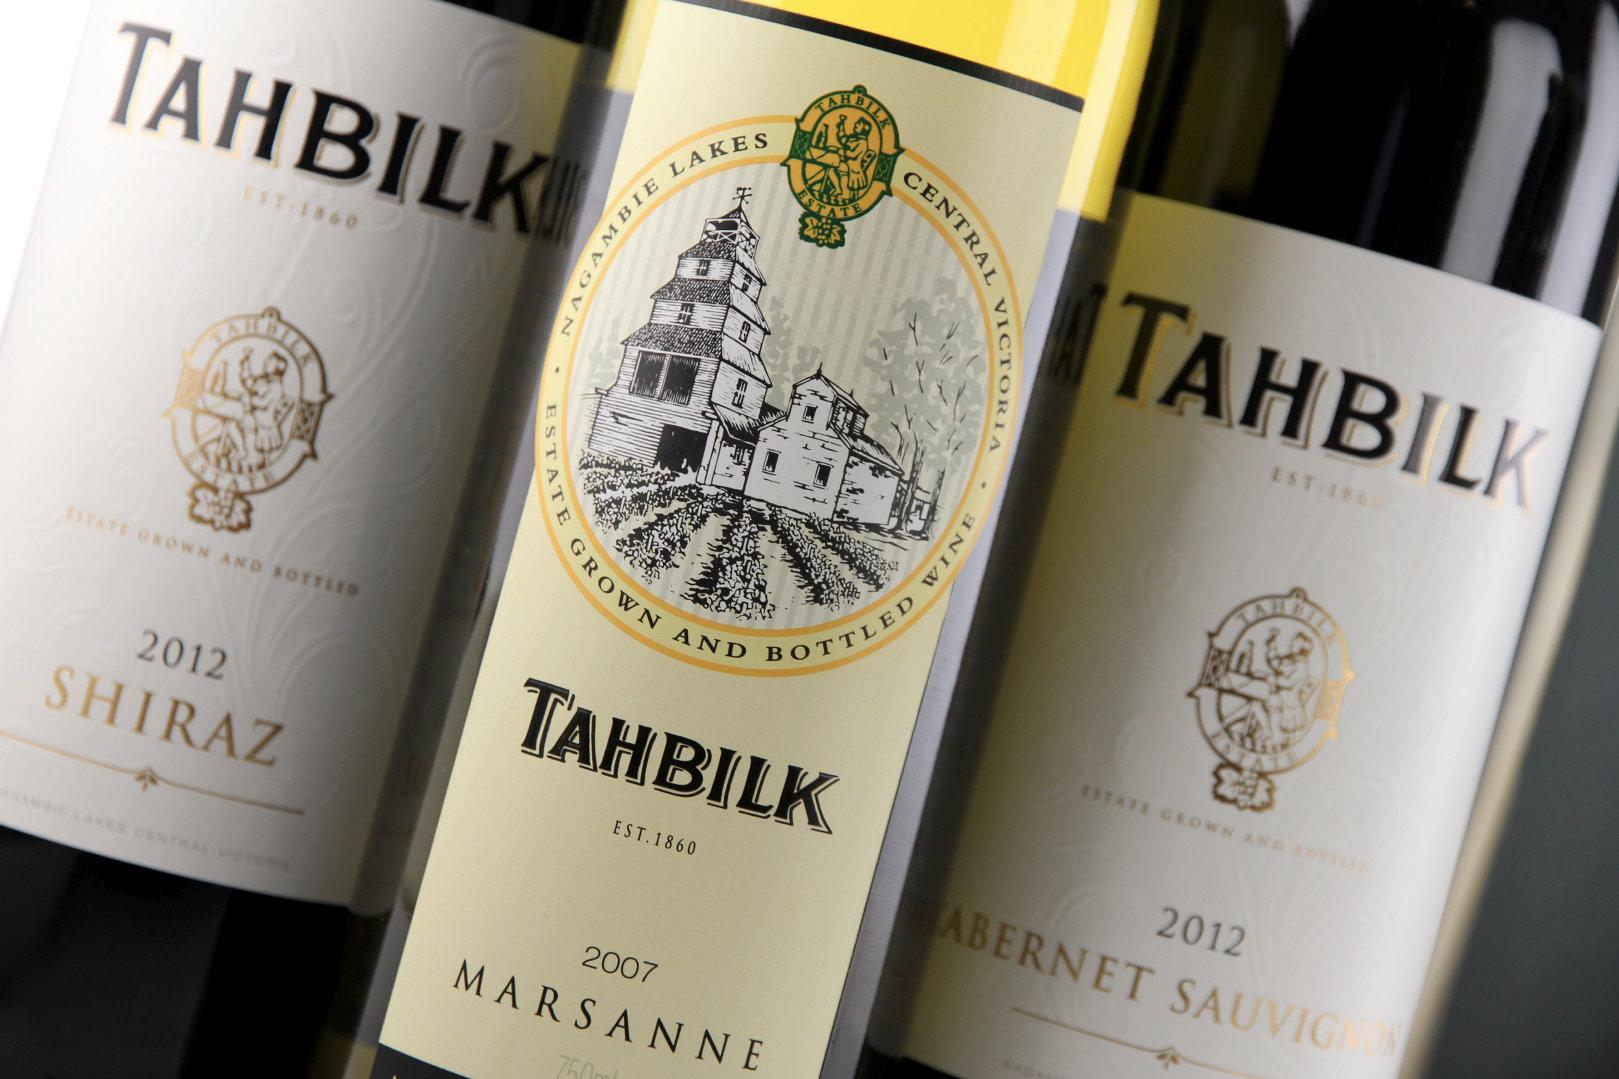 Disse flotte vinene er på billigsalg nå.  Og dette er den triste historien om årsaken